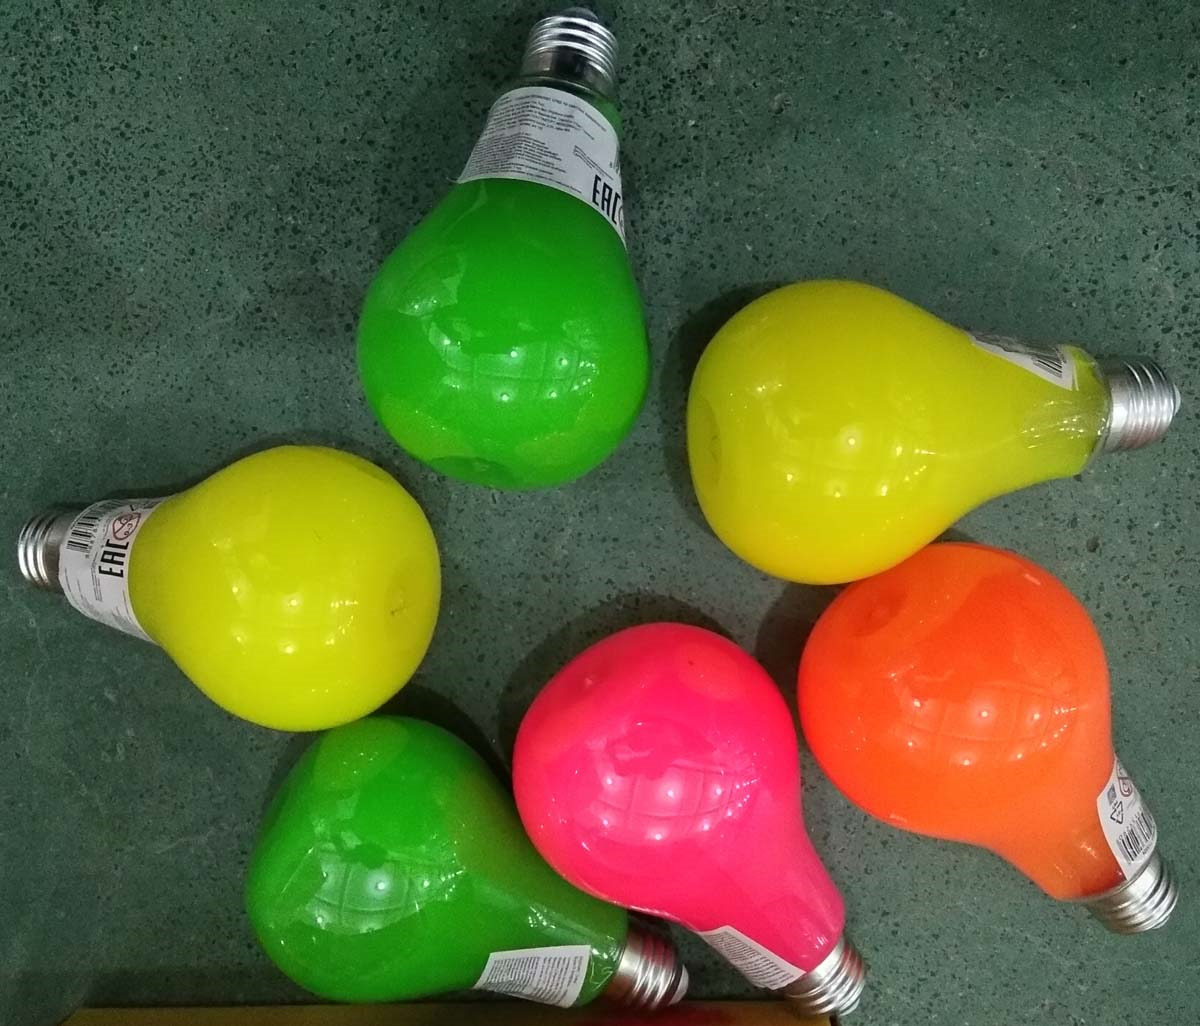 Антистрессовая игрушка 1TOY Мелкие пакости. Слизь в лампочке, Т13529 наборы для творчества 1toy мяшка 1тoy мелкие пакости яйцо двухцветное 50 г